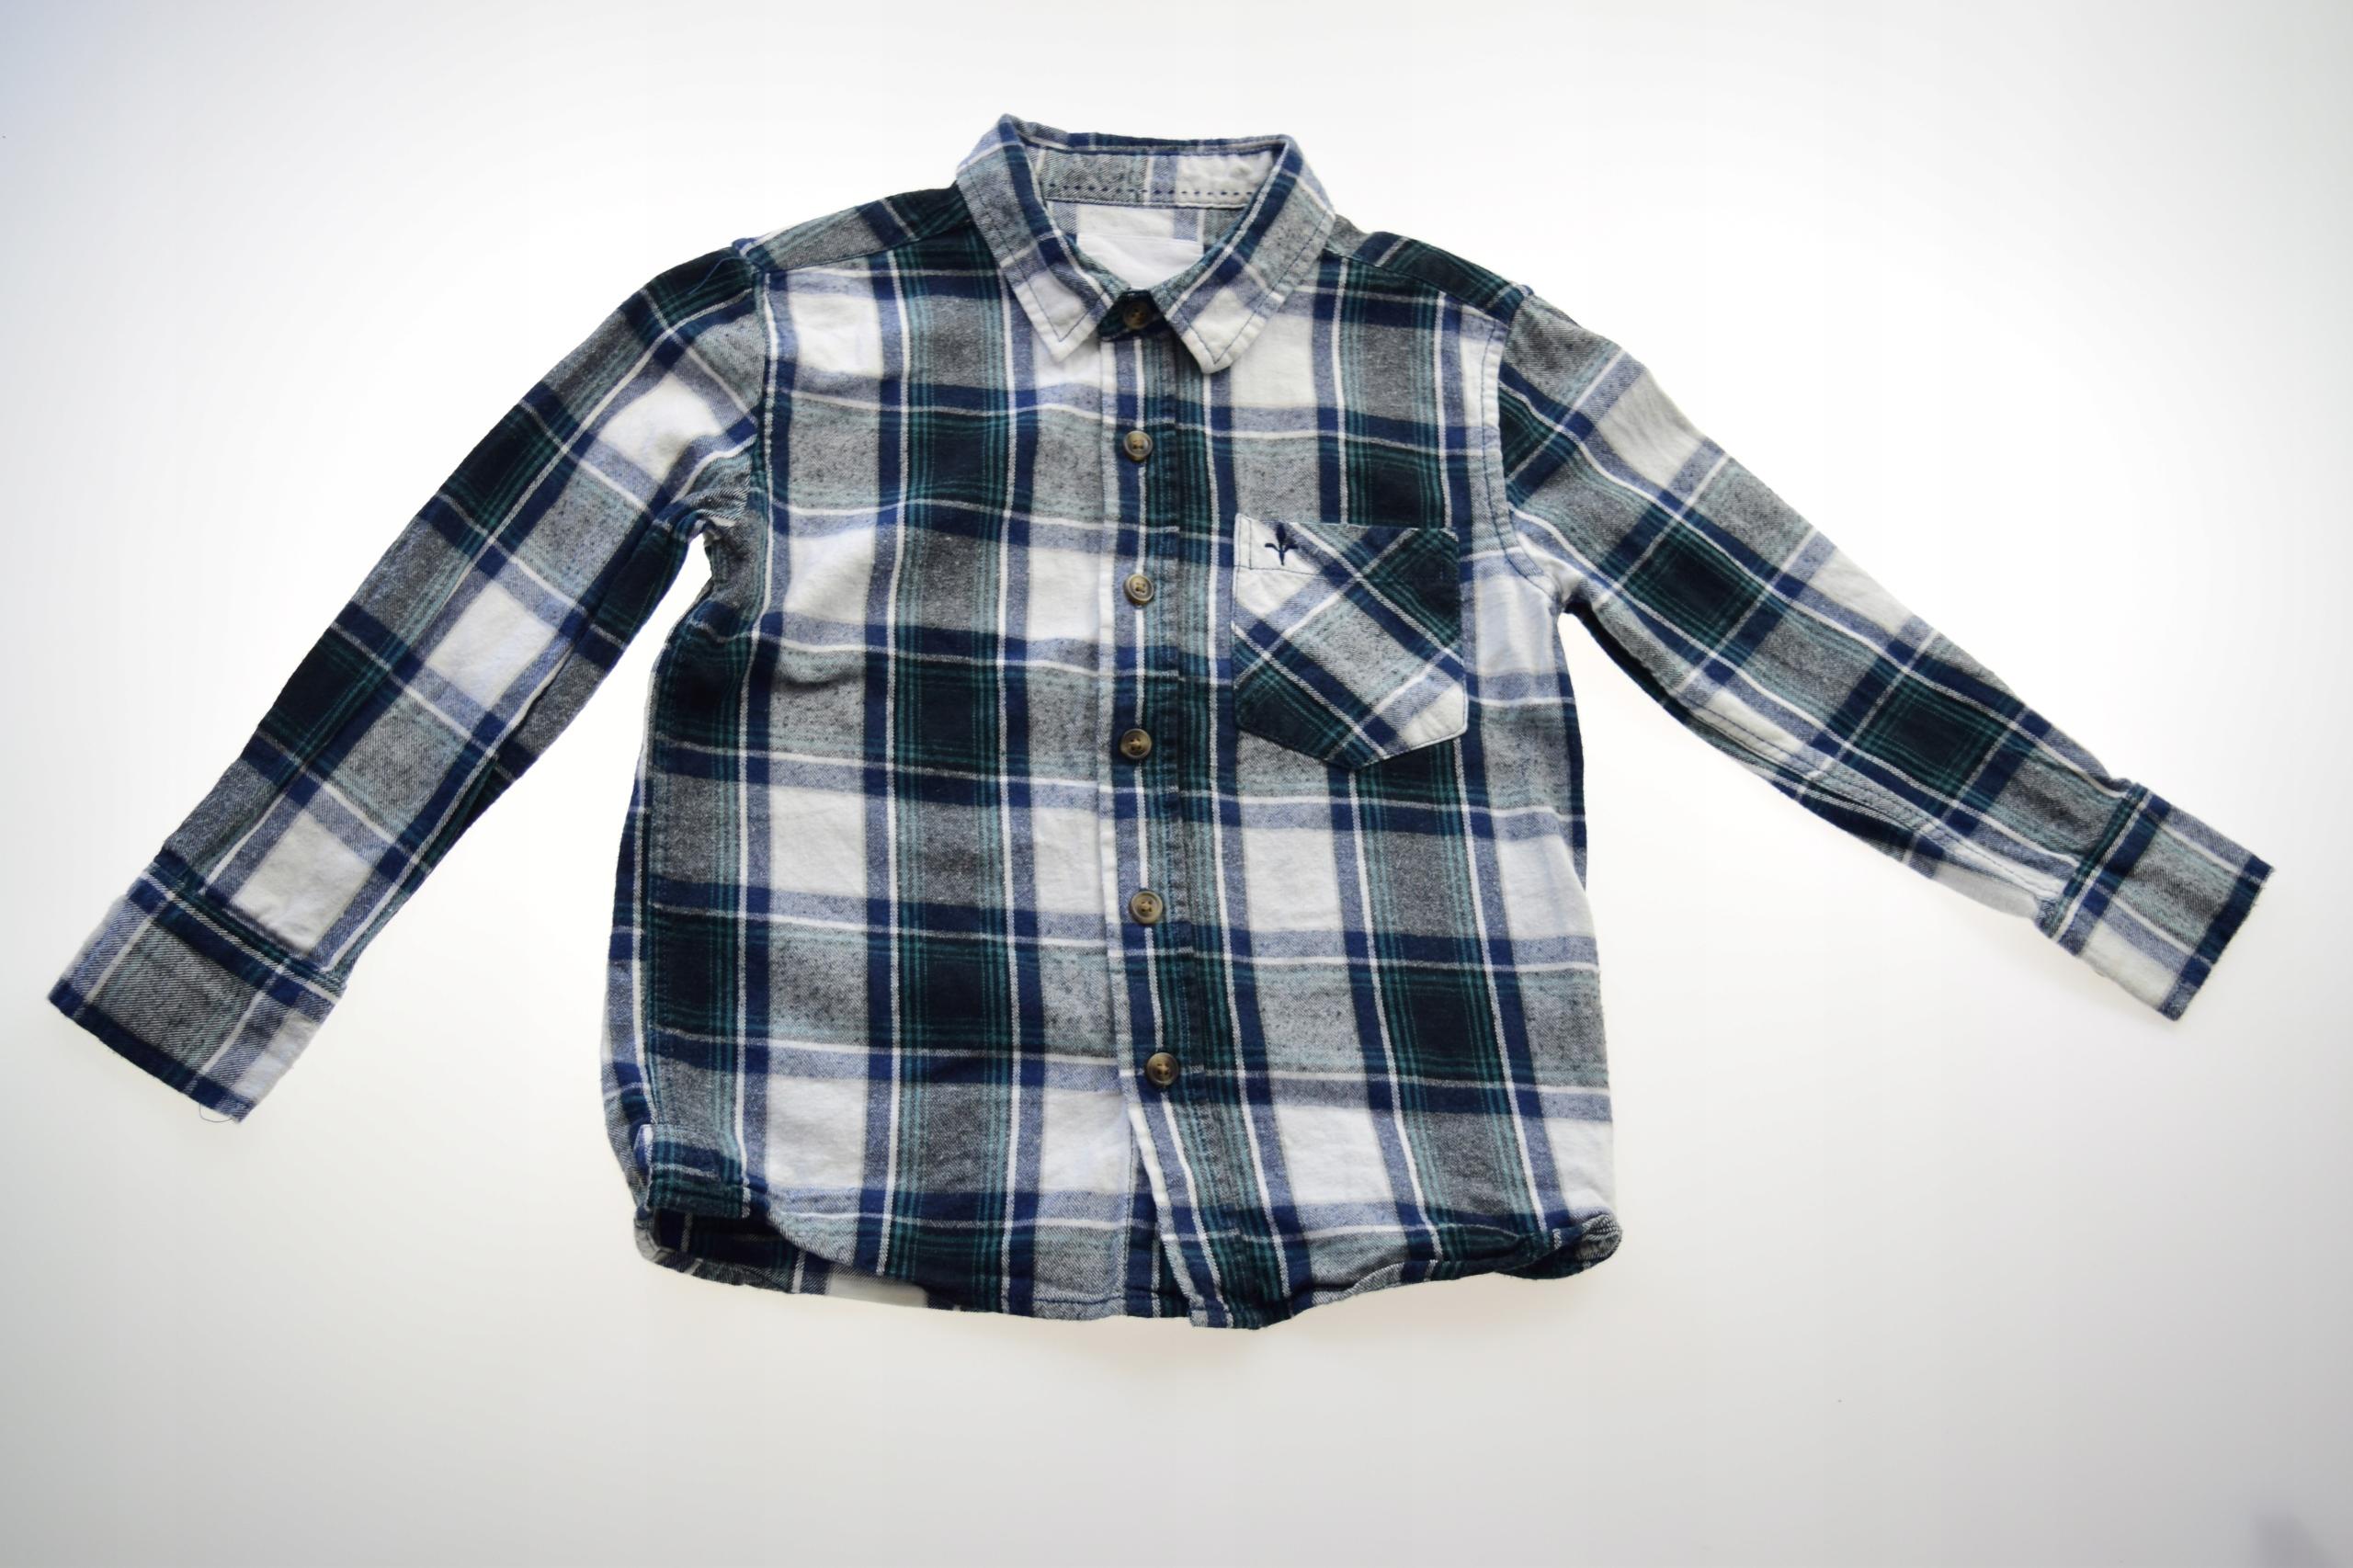 dc1b5f02d633c7 koszula flanelowa rozmiar xl w Oficjalnym Archiwum Allegro - Strona 91 - archiwum  ofert